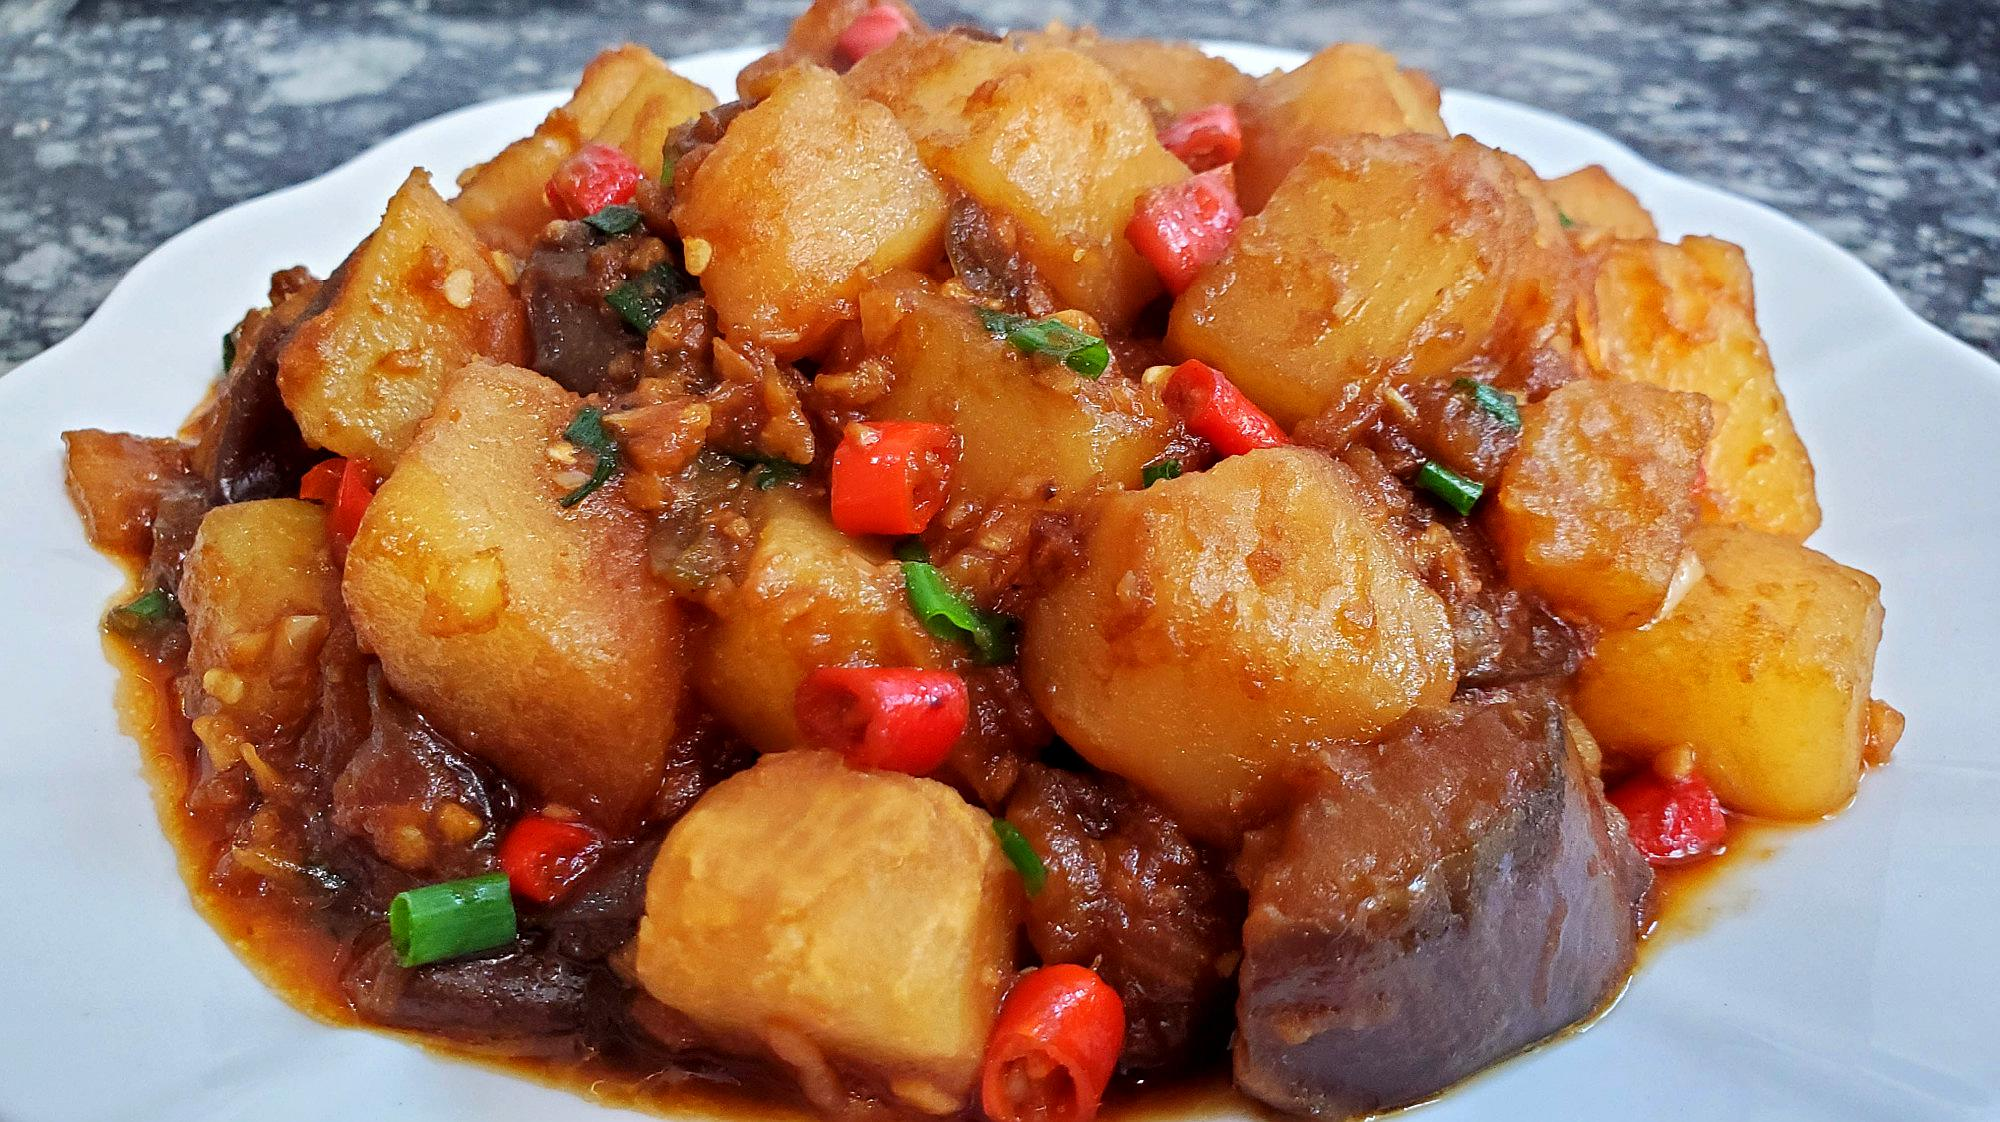 教你营养美味的茄子烧土豆,简单家常又好吃下饭,咋吃都不觉得腻